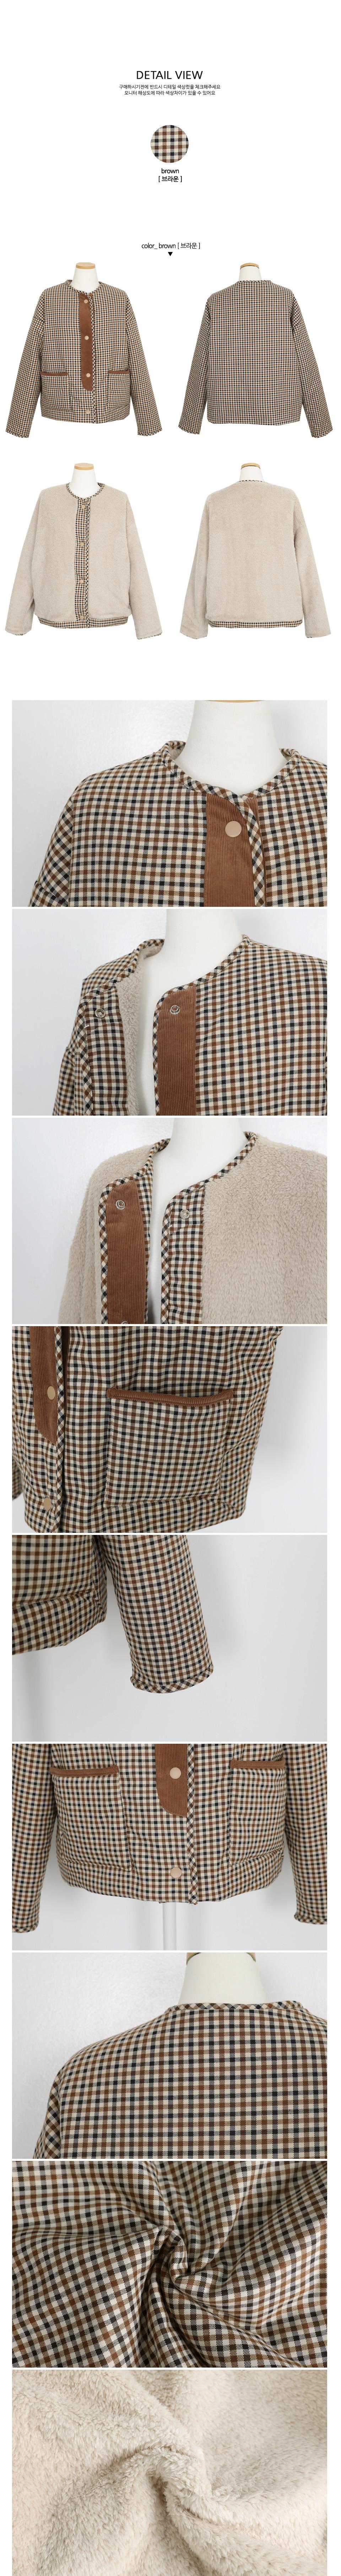 正反兩穿排釦格紋保暖外套